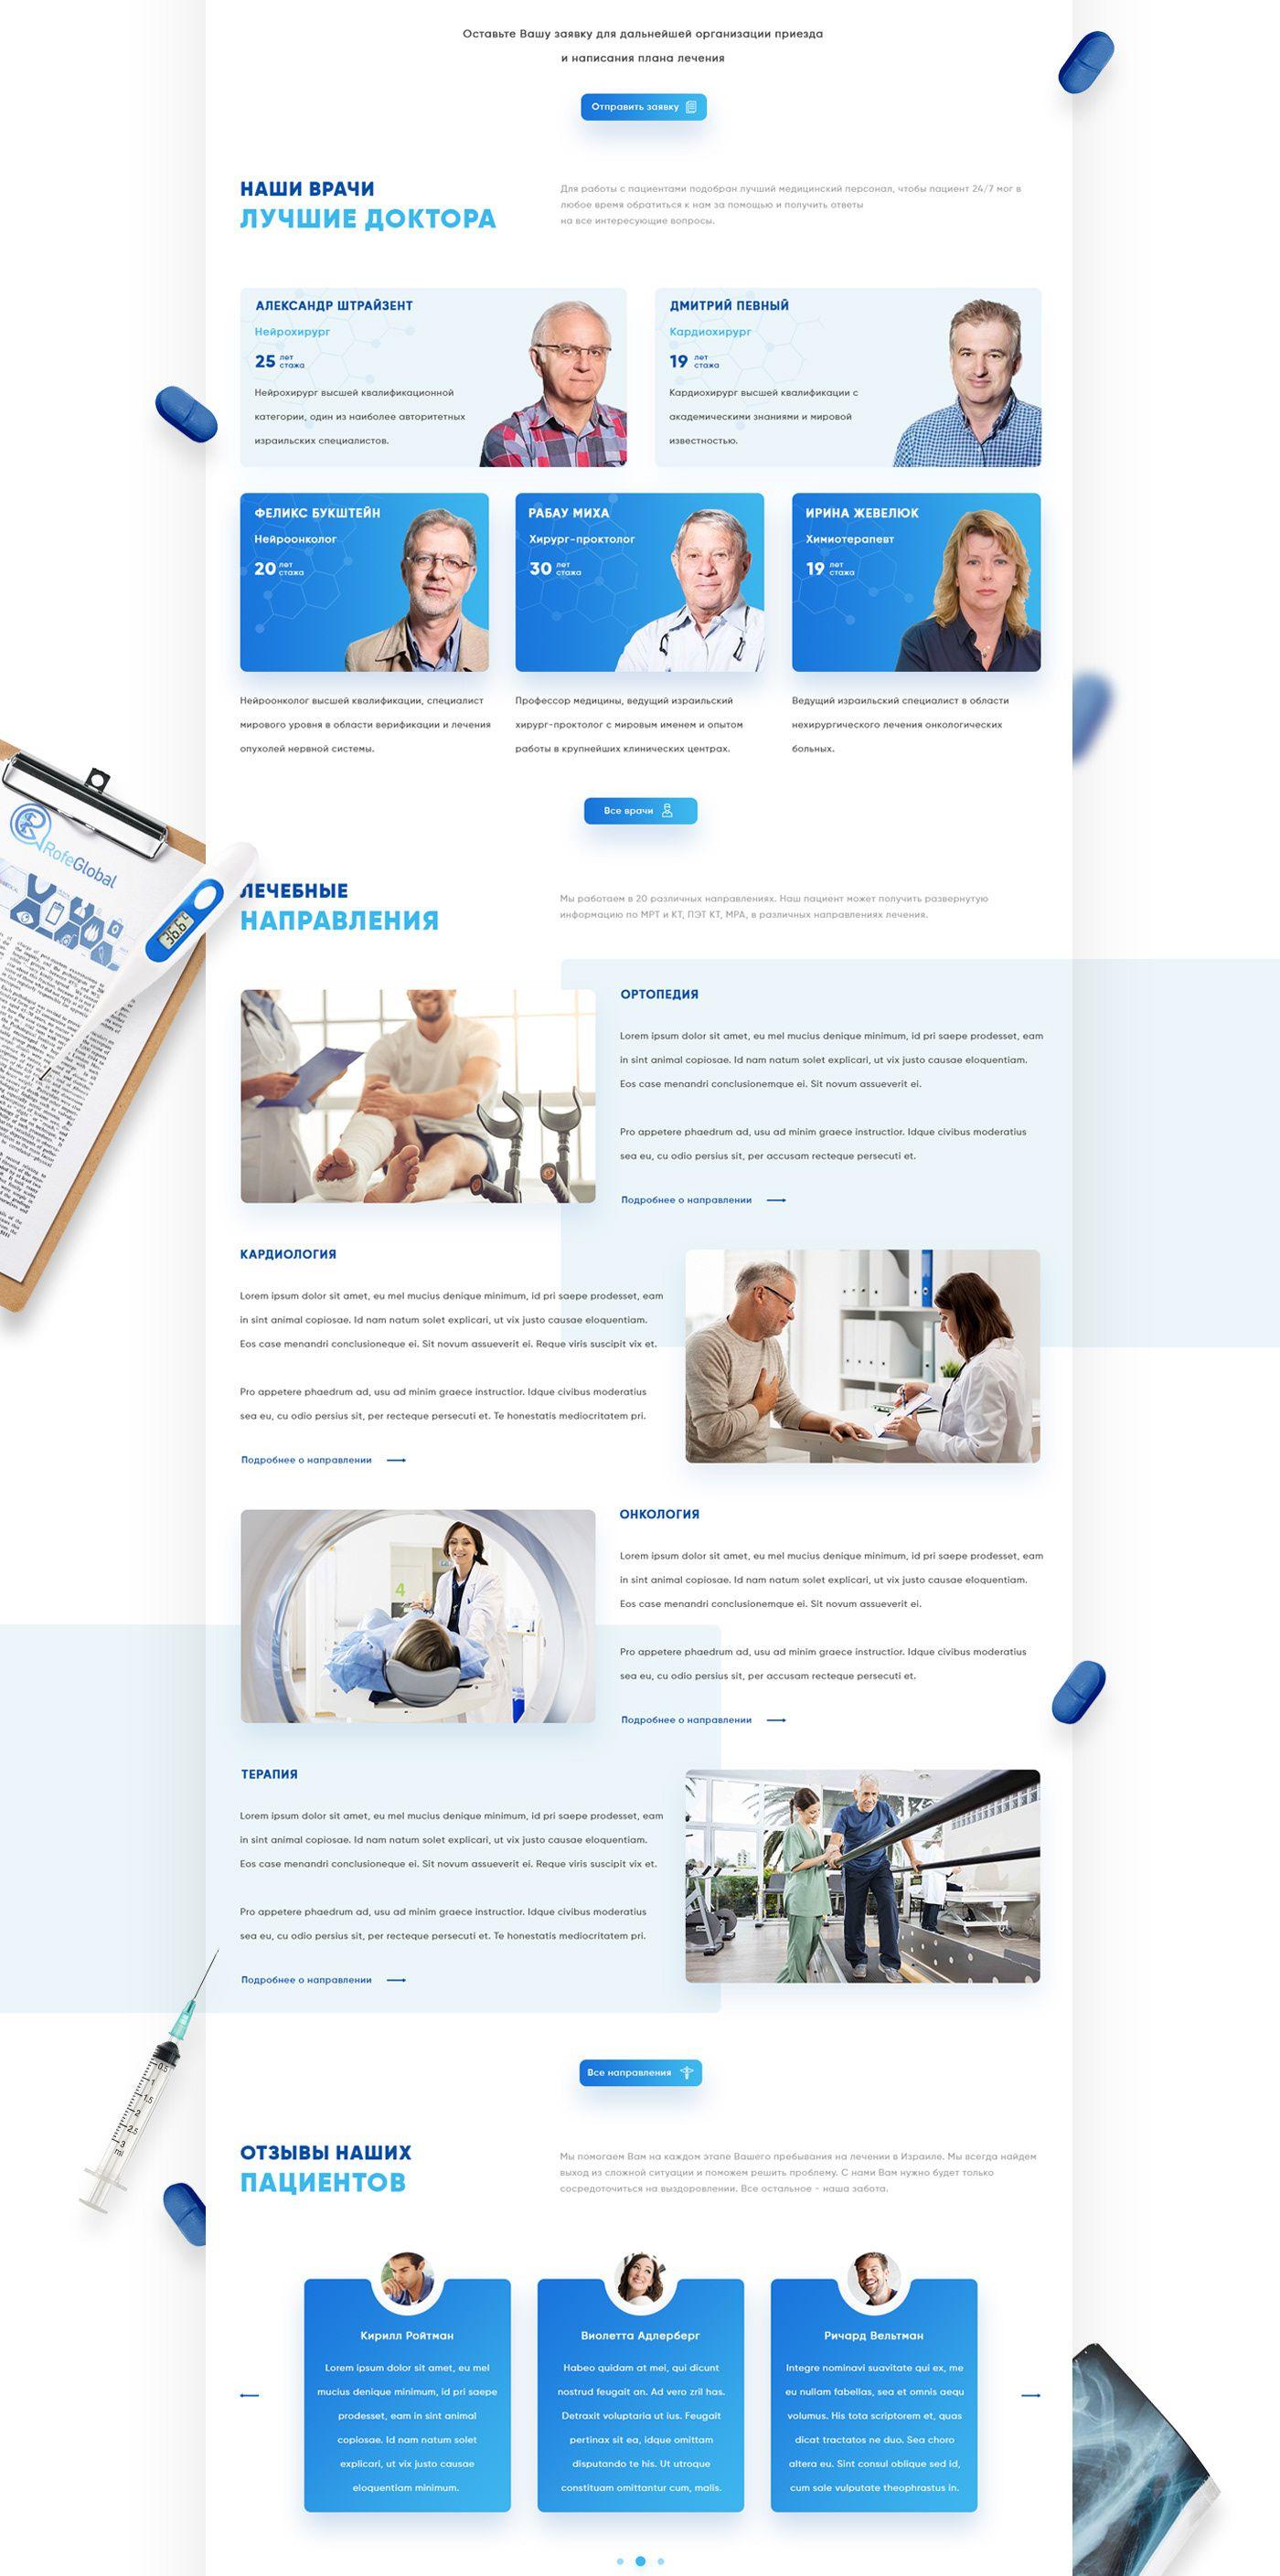 Israel Medical Clinic Website Design On Behance Medical Website Design Medical Clinic Design Clinic Design